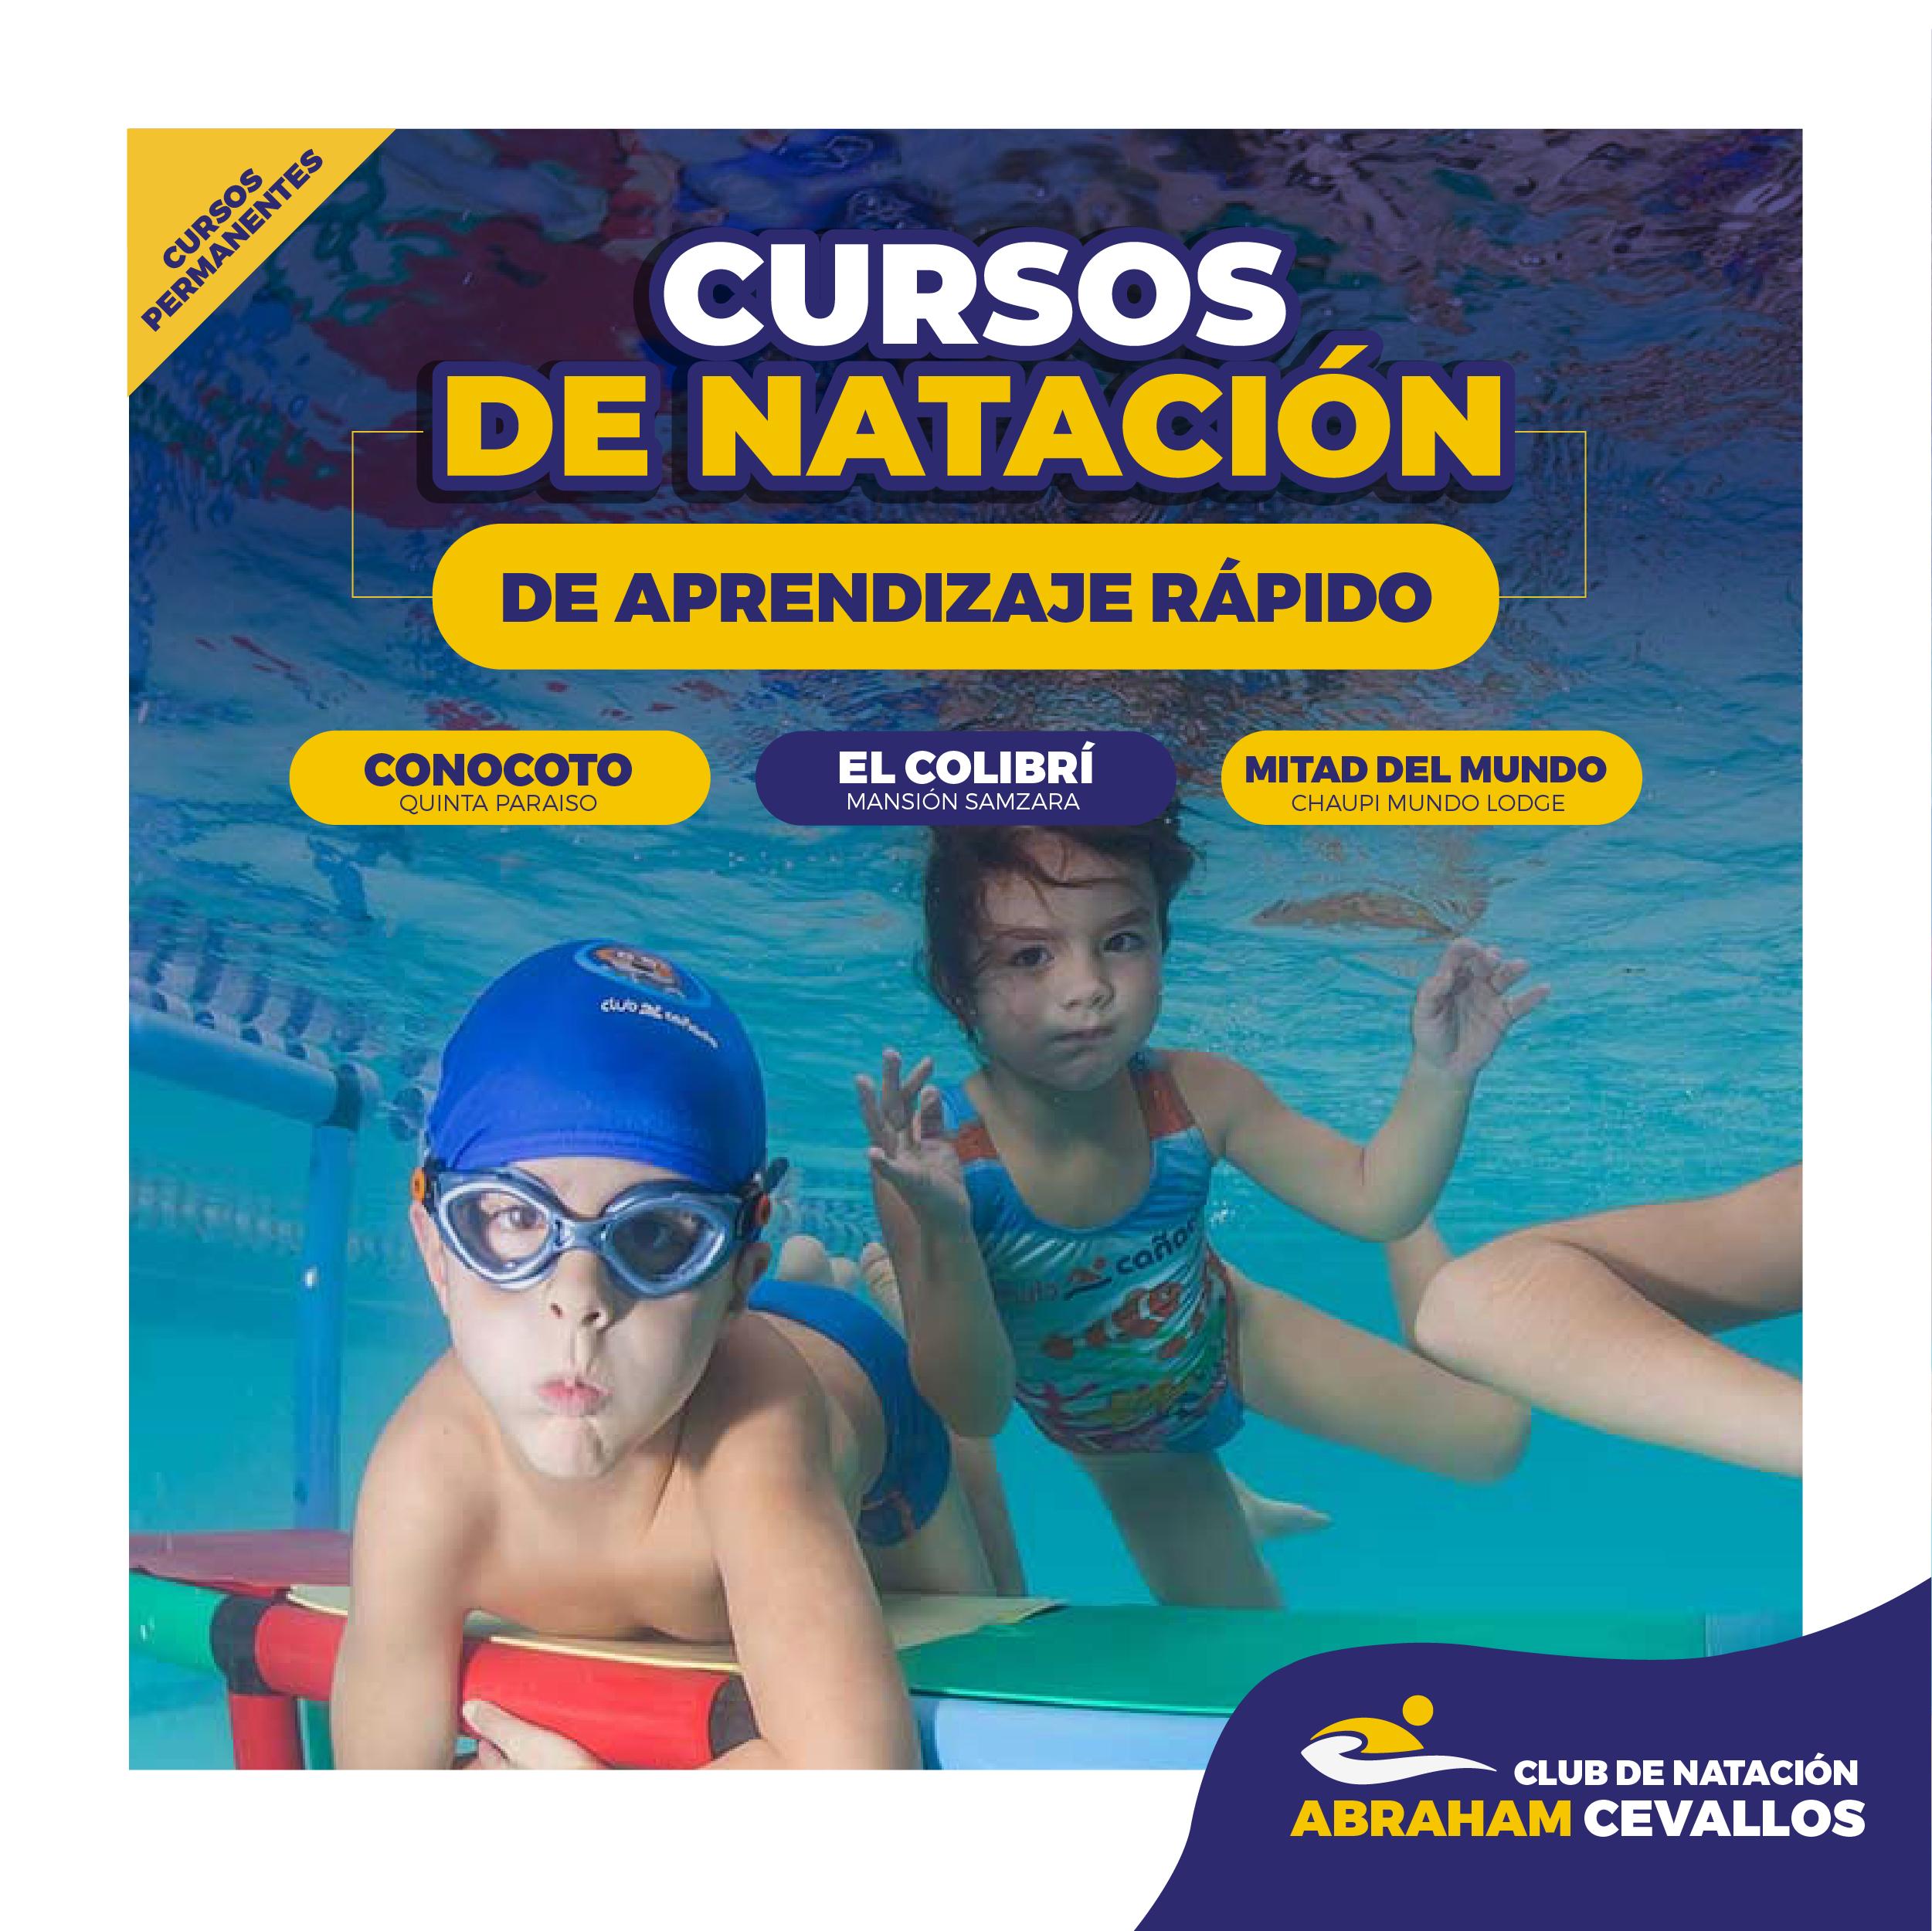 cursos natacion